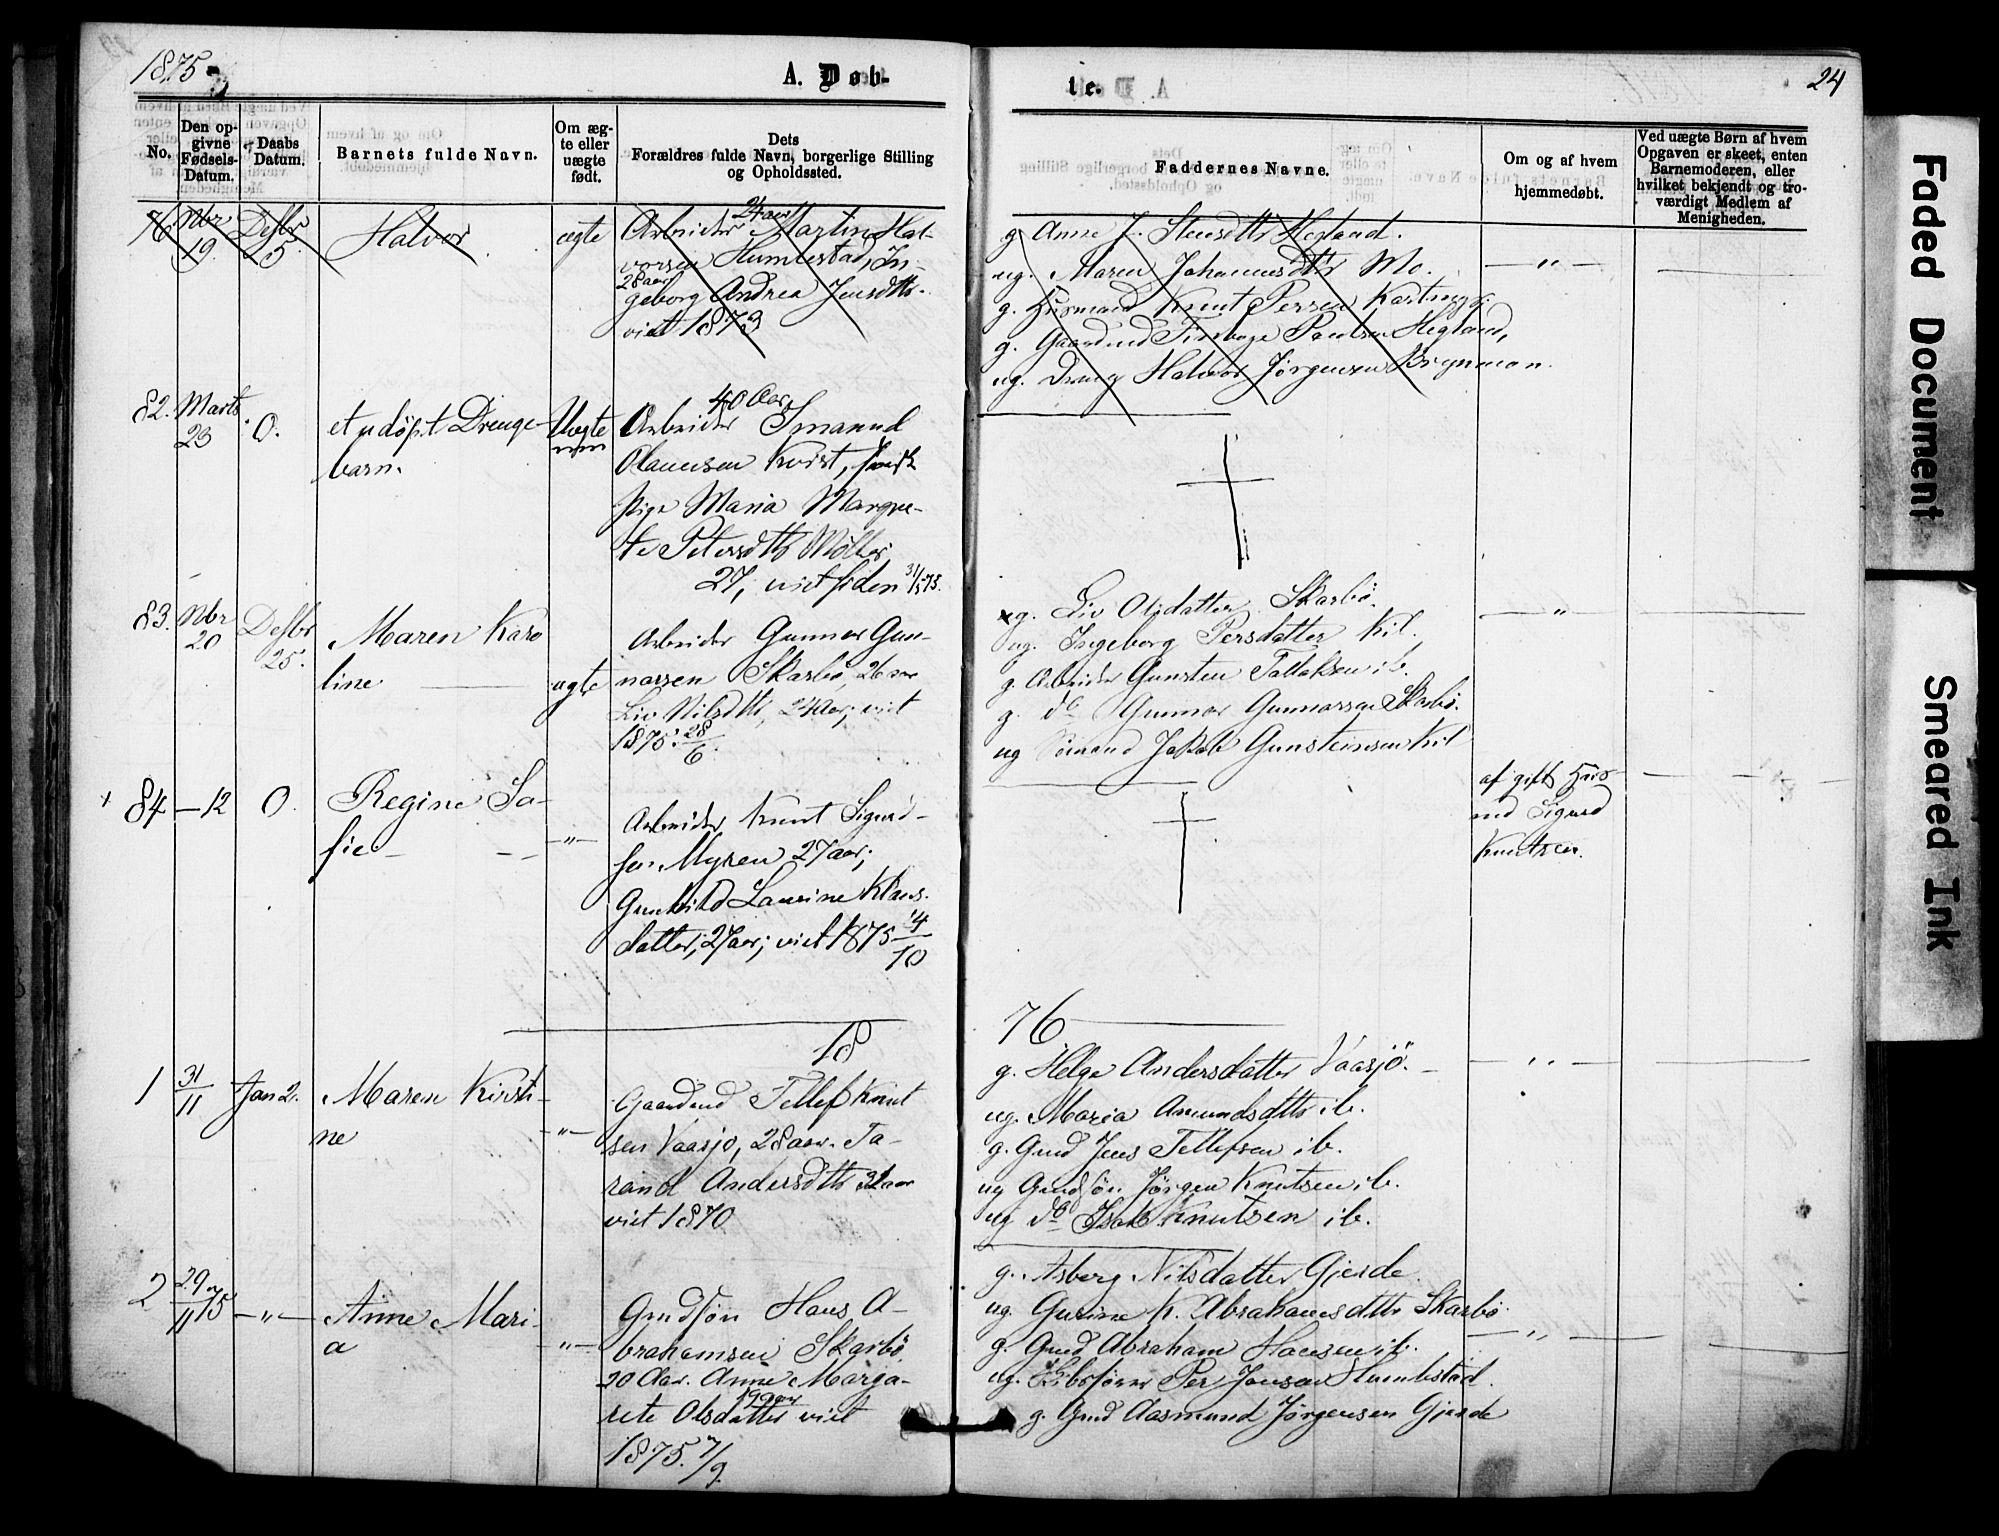 SAKO, Sannidal kirkebøker, F/Fa/L0014: Ministerialbok nr. 14, 1874-1883, s. 24